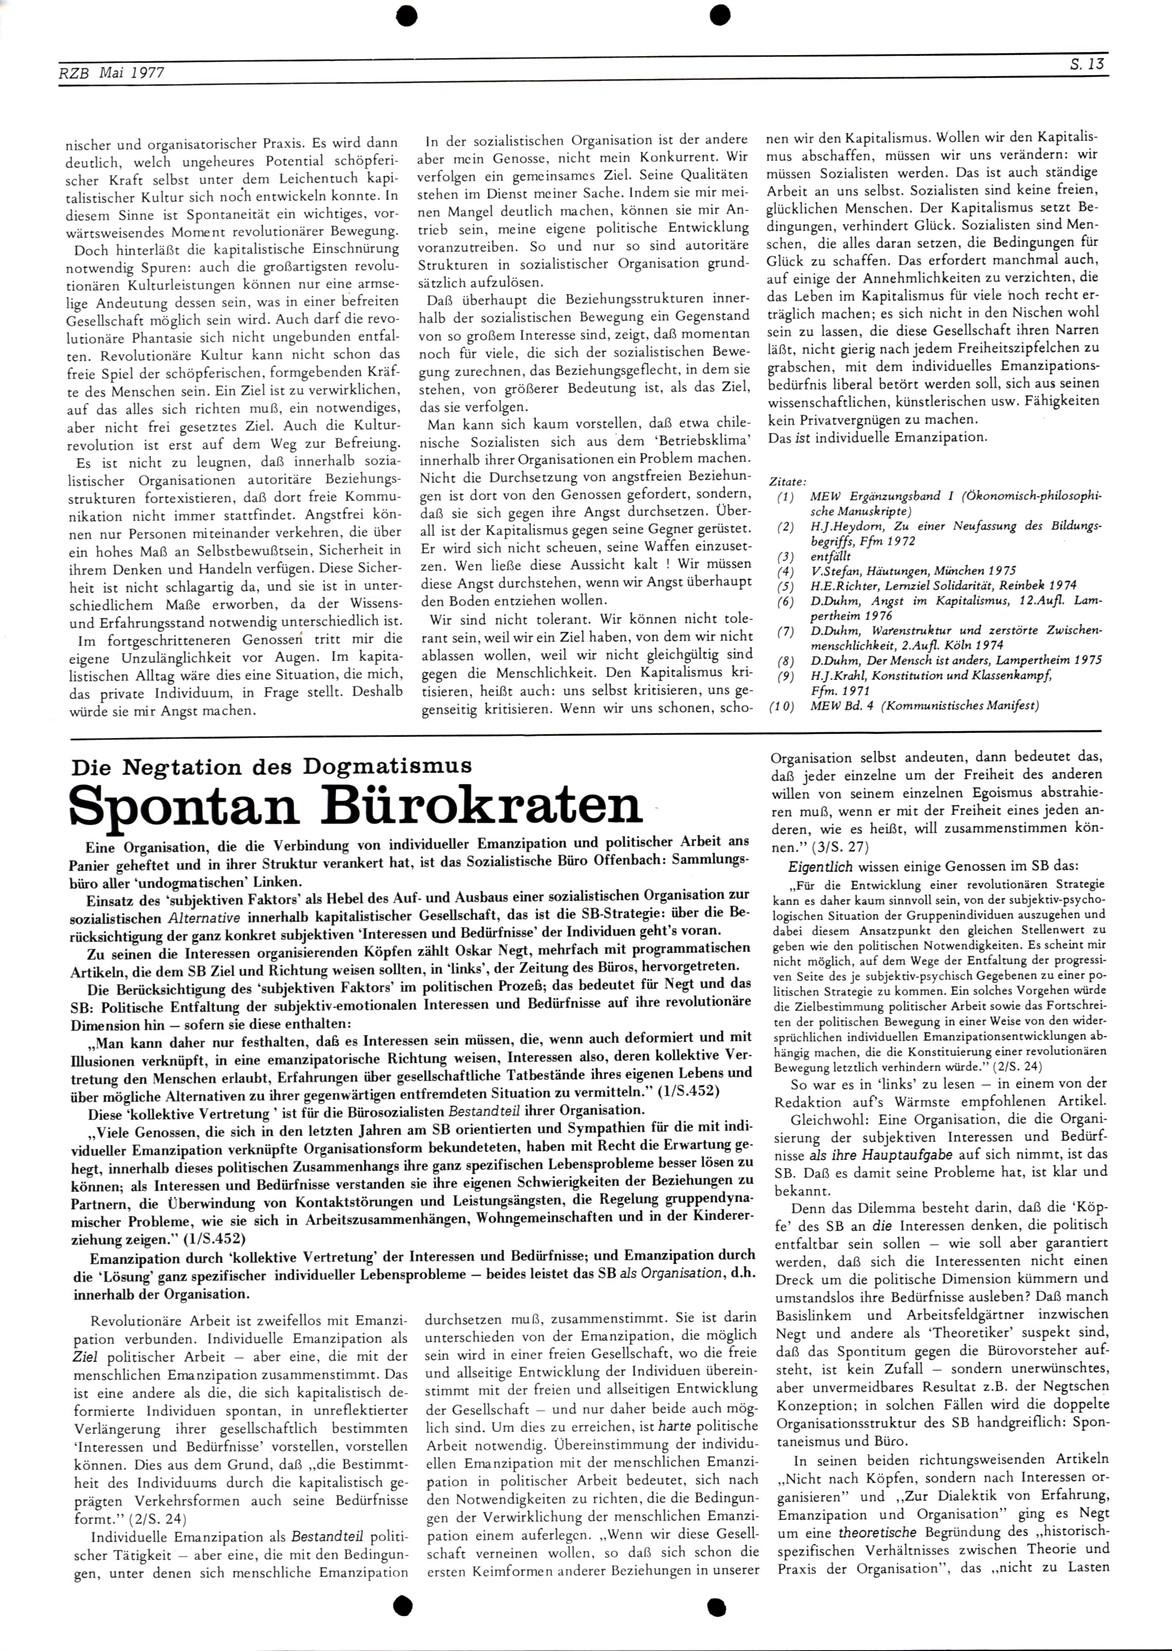 Bonn_RZ_09_19770500_13